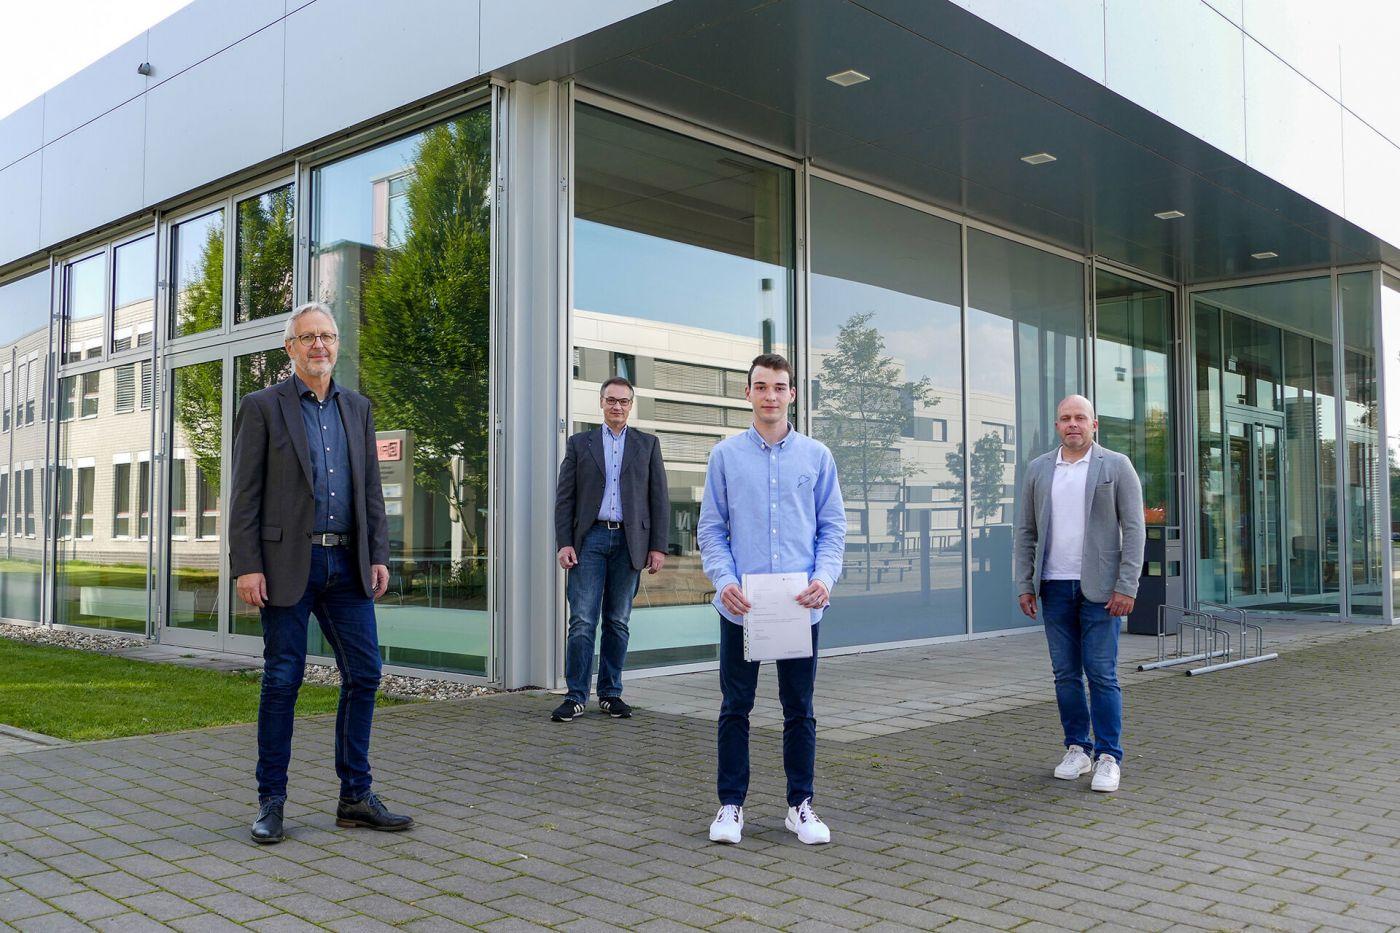 Prof. Effinger, Prof. te Vrugt, Lehrer Oliver Glaser und Schüler Johannes Frank stehen auf dem Steinfurter Campus.  (Foto: FH Münster/Jana Schiller )